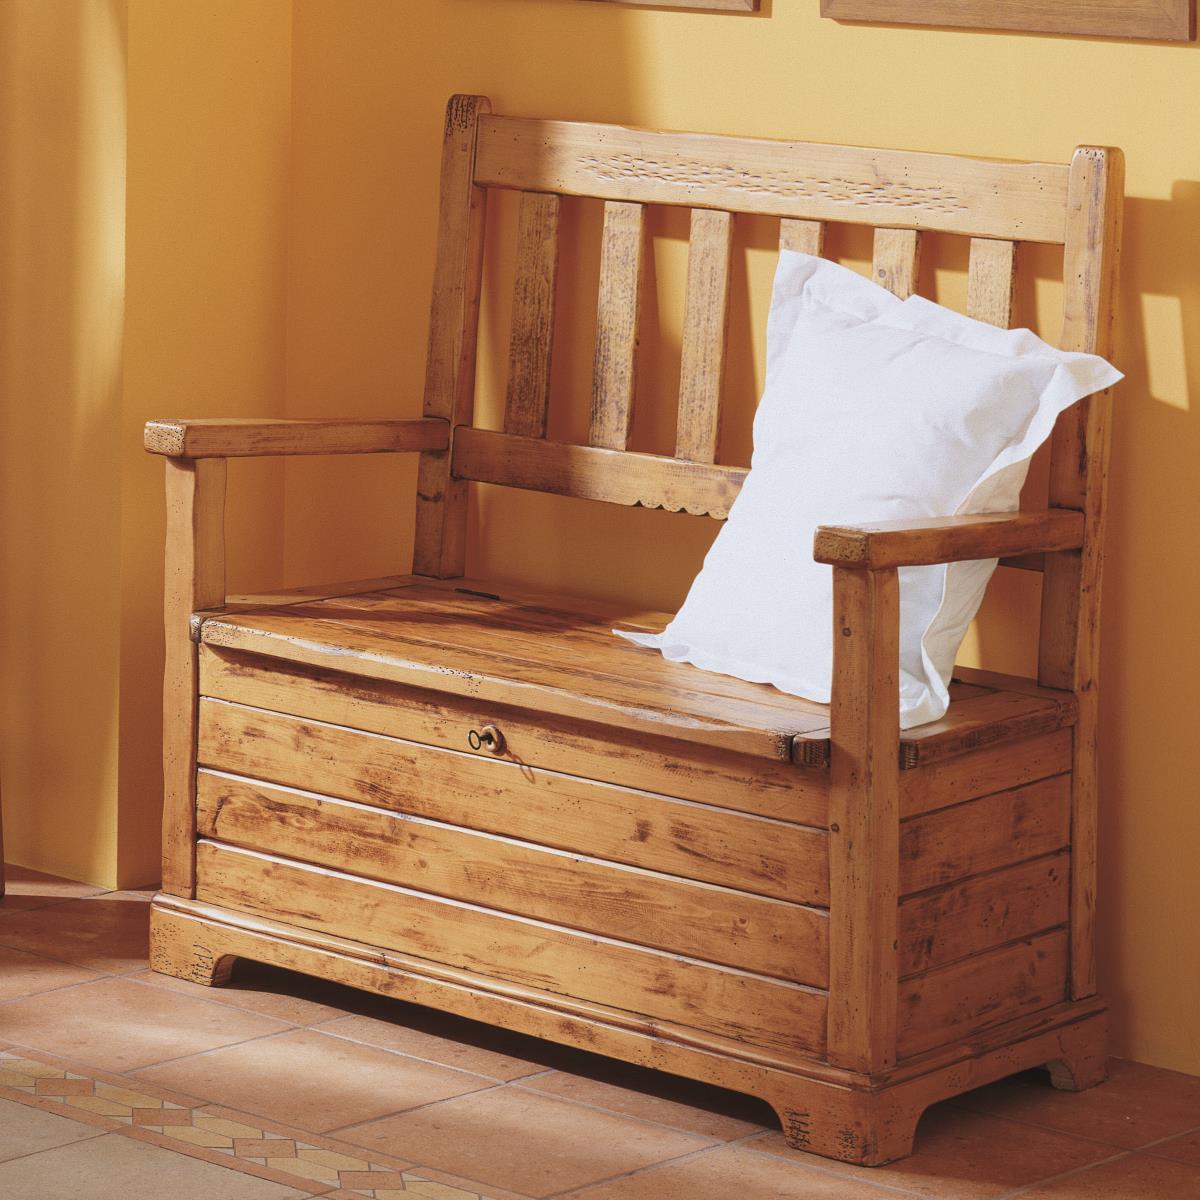 muebles recibidor banco alacena arca abatible armario recibidor banco recibidor arcn